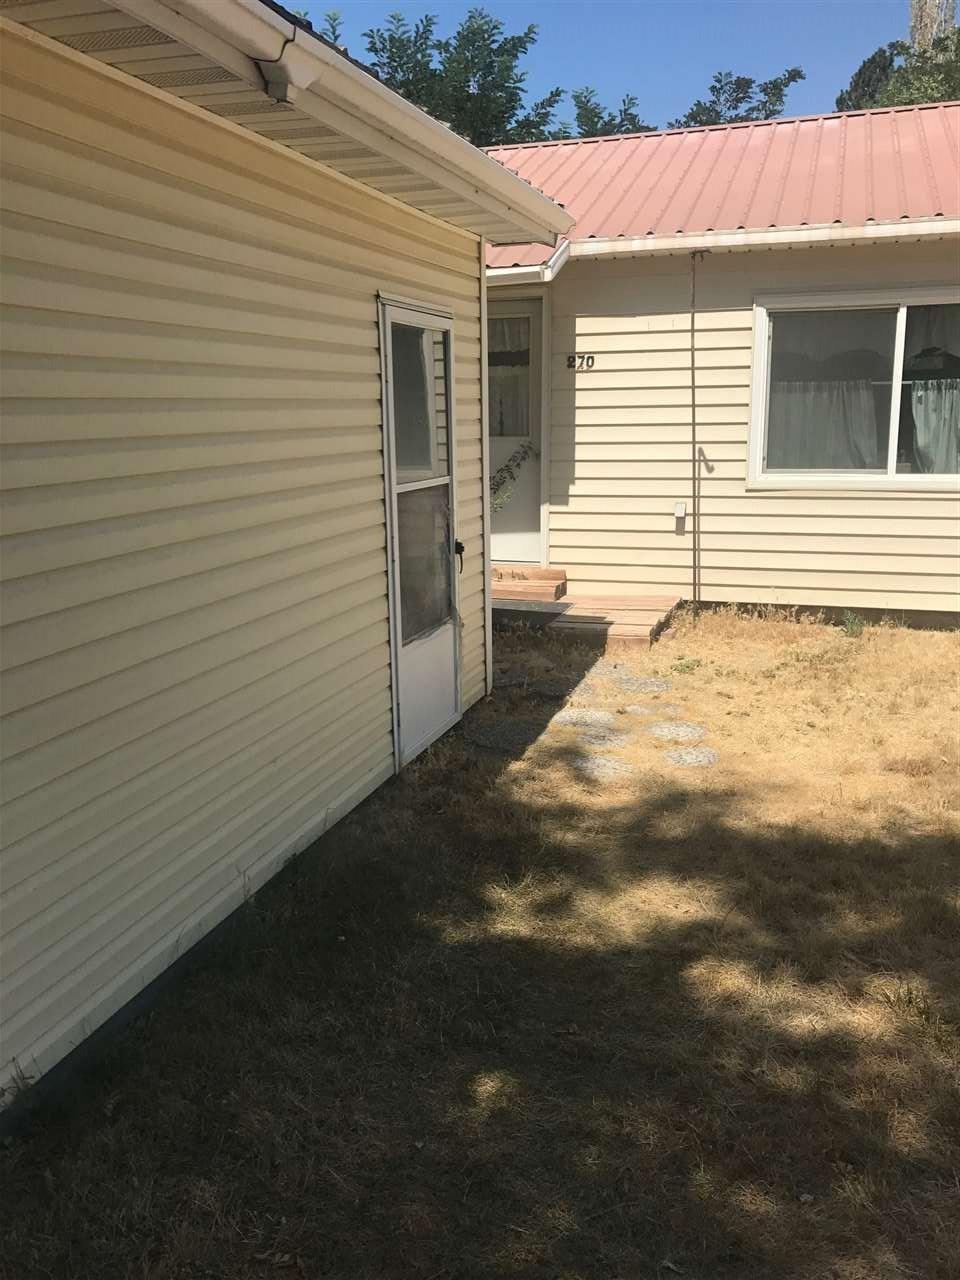 独户住宅 为 销售 在 31982 2nd Bruneau, Id 83604 31982 2nd Bruneau, Id 83604 Bruneau, 爱达荷州 83604